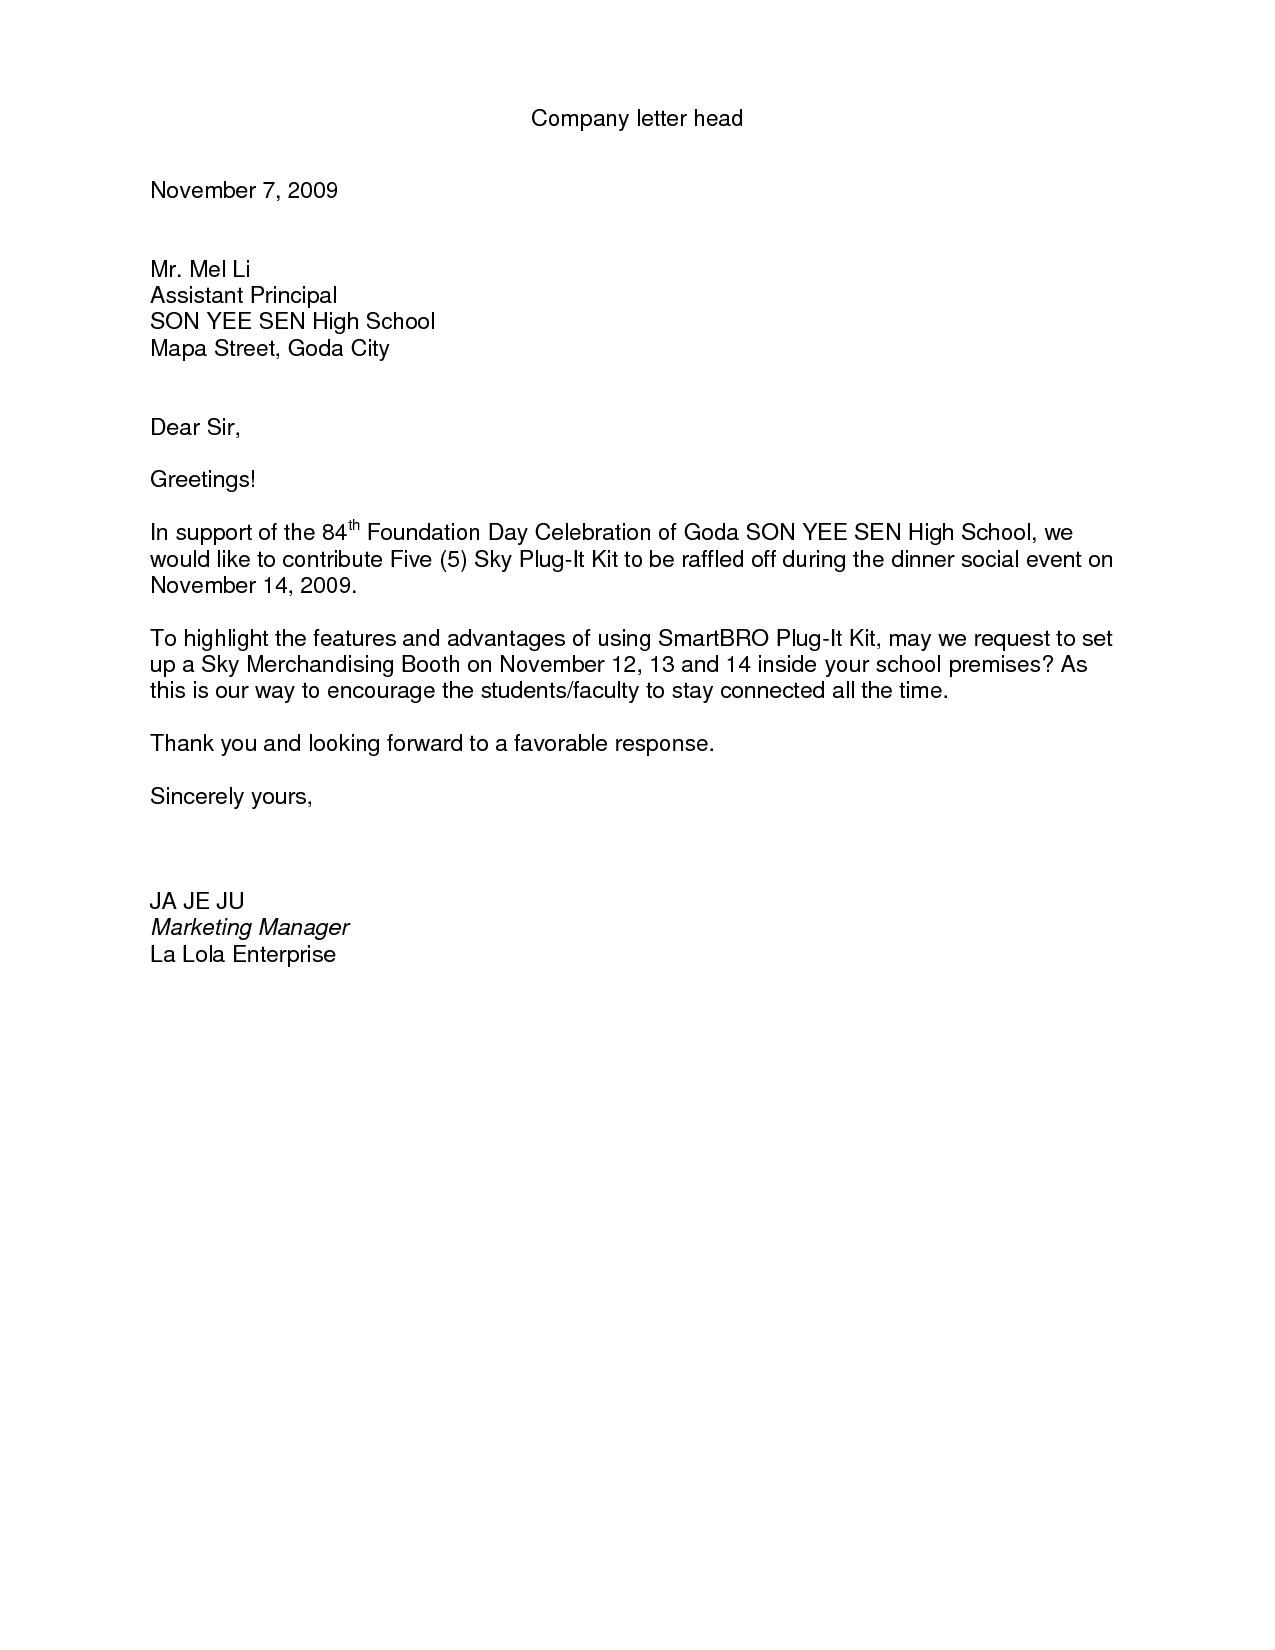 Proposal Request Letter Sample Letter Request For Proposal Response Cover Letter For Resume Proposal Letter Basic Resume